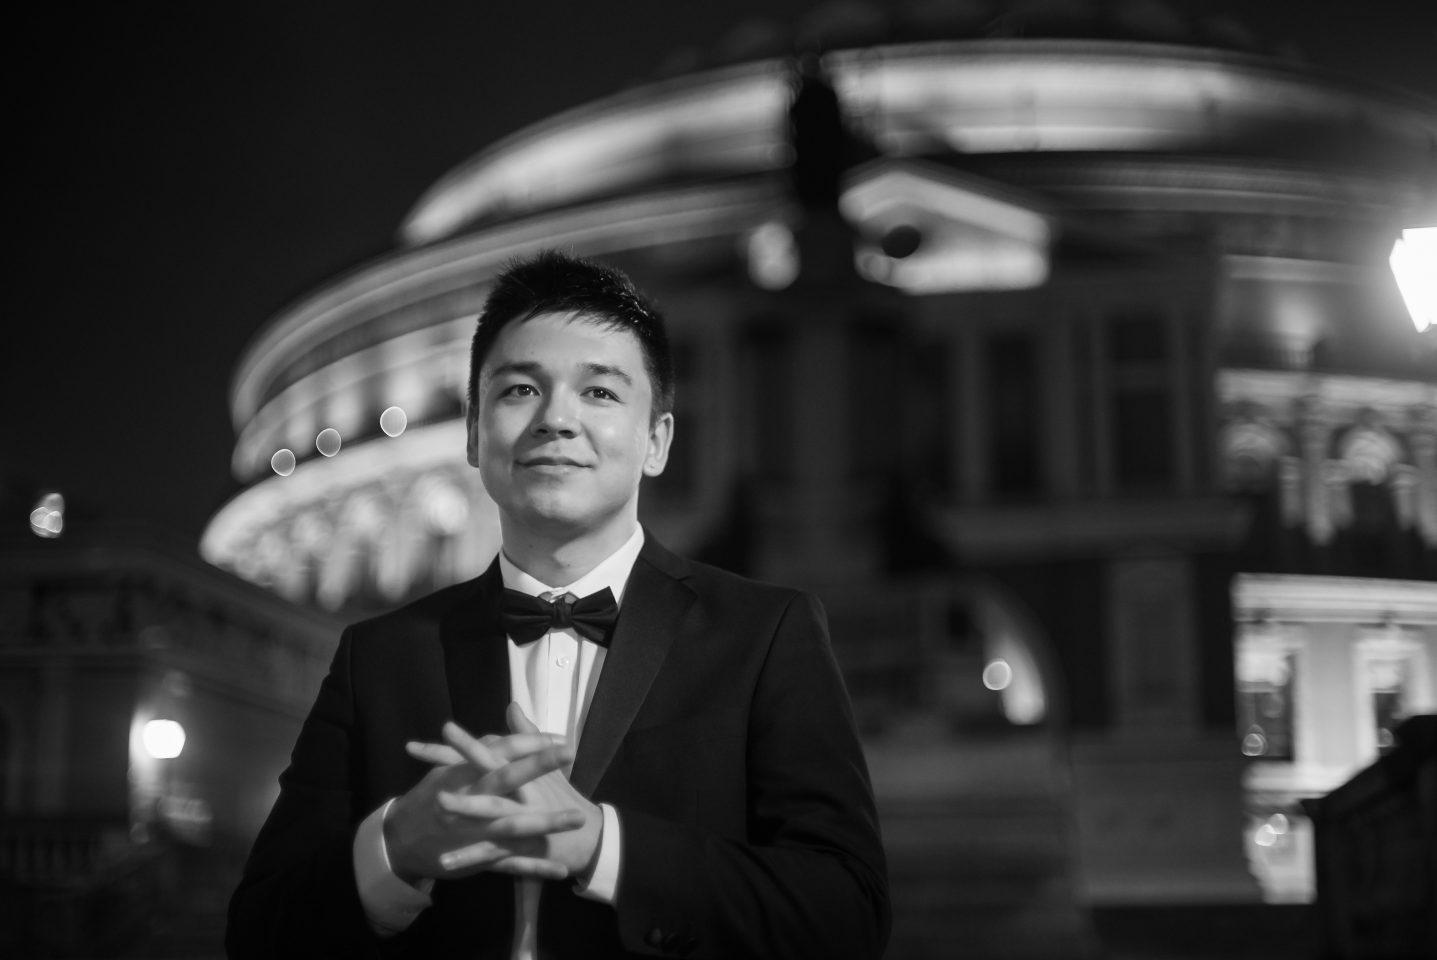 El pianista Daniel Hyunwoo ofrece un recital en el próximo Concert a la Fundació